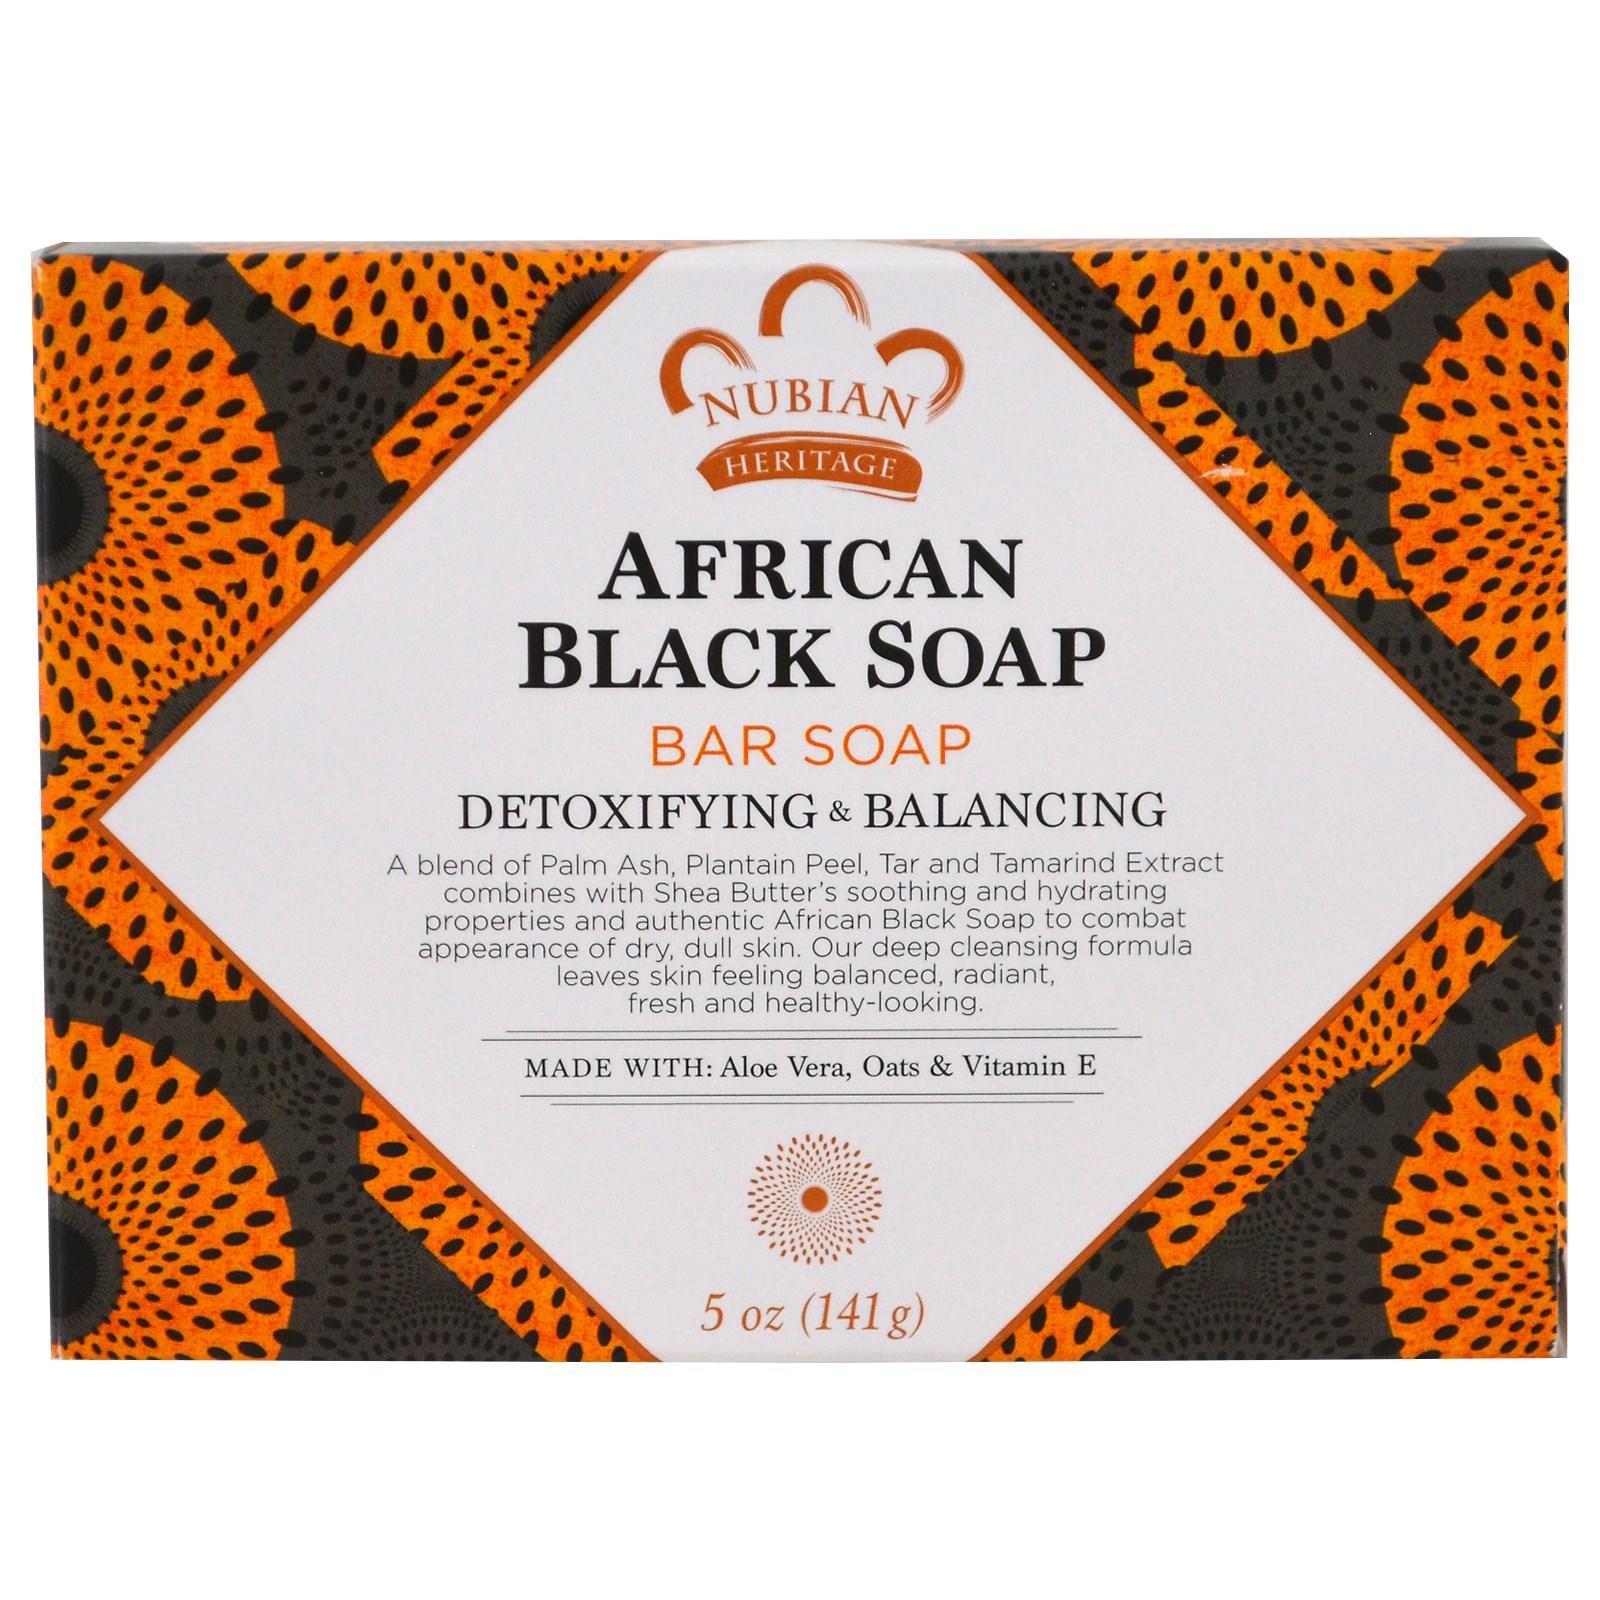 африканского черного мыла от Nubian Heritage